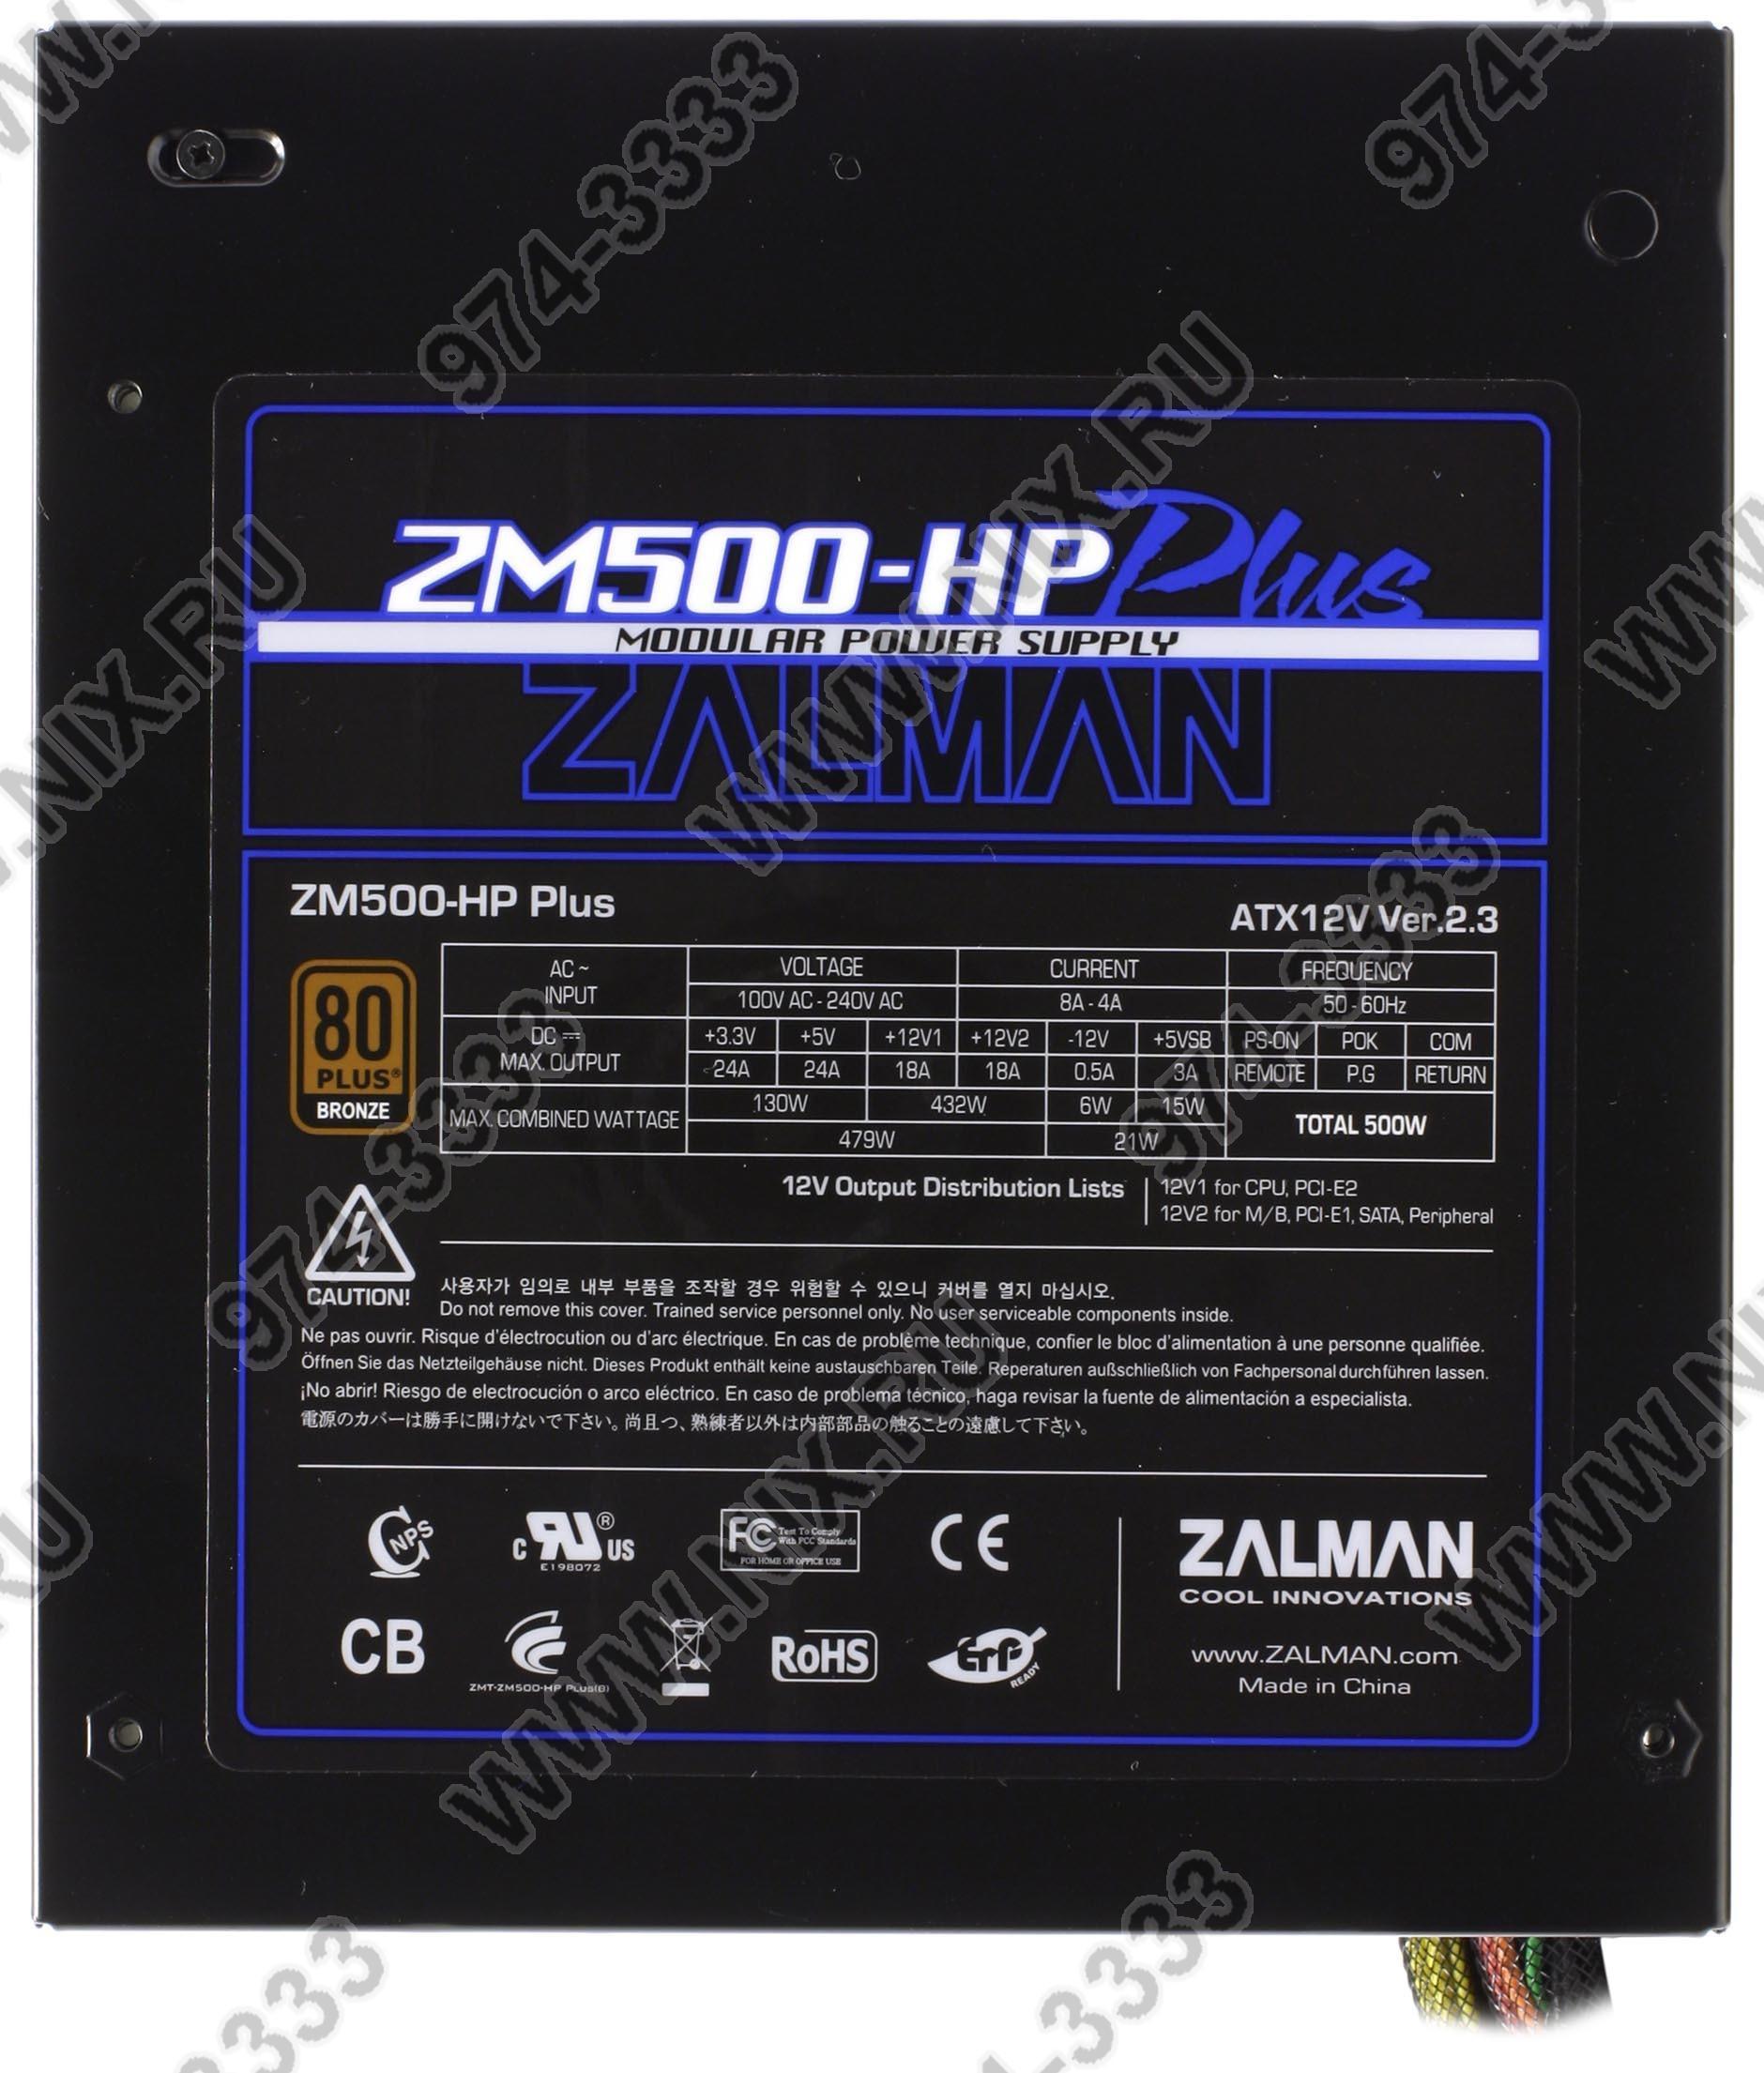 Блок питания 500w zalman (zm500-hp plus)